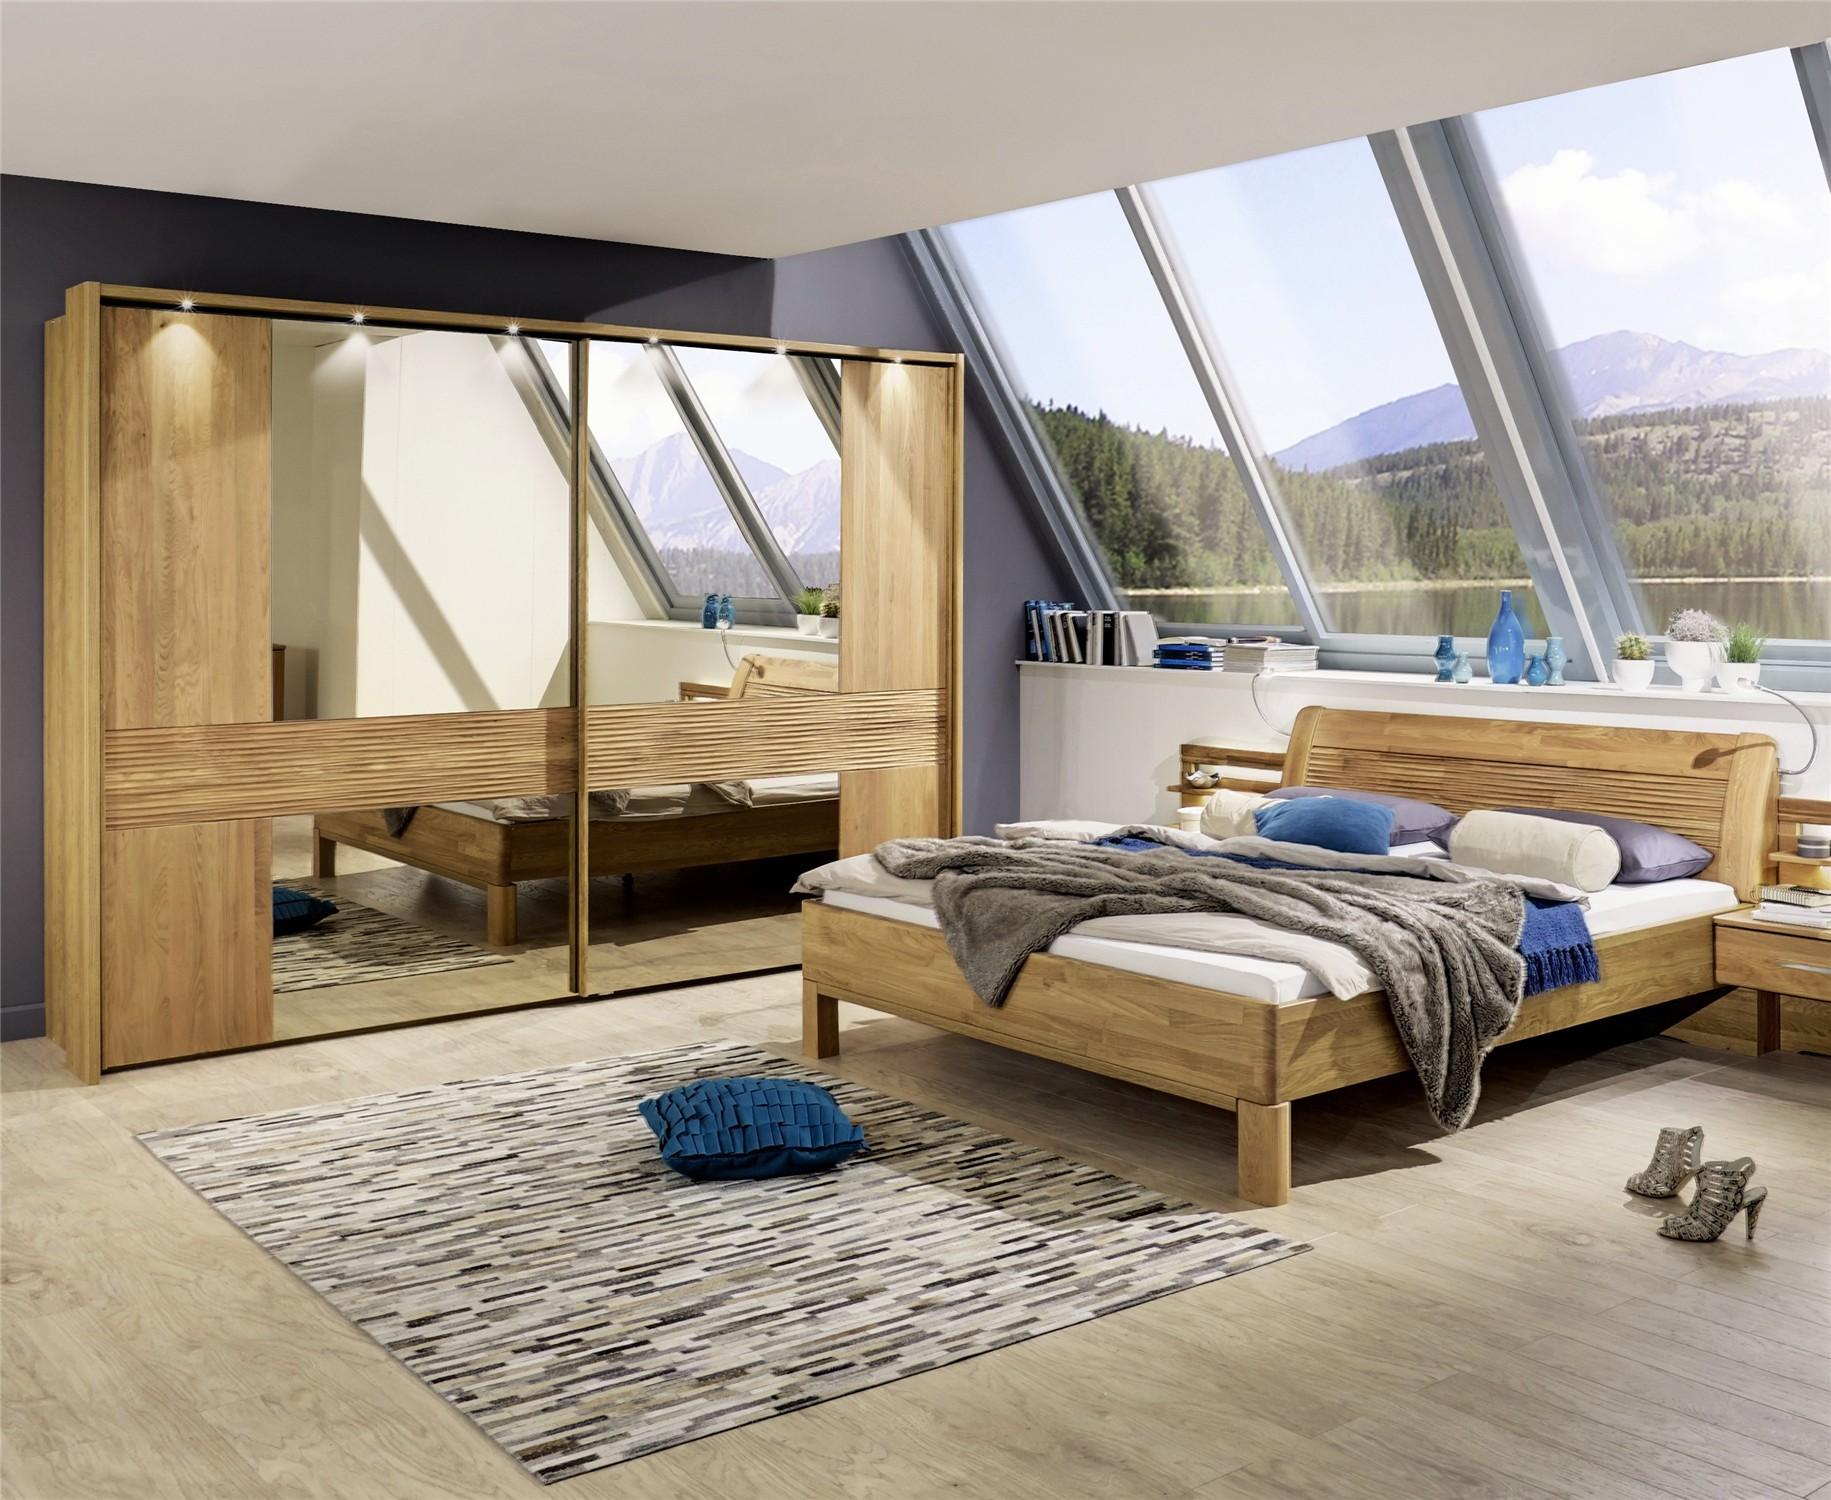 Stylform Iris 250 300cm Wardrobe Bedroom Set Sliding Door Bedroom Furniture Sets Head2bed Uk